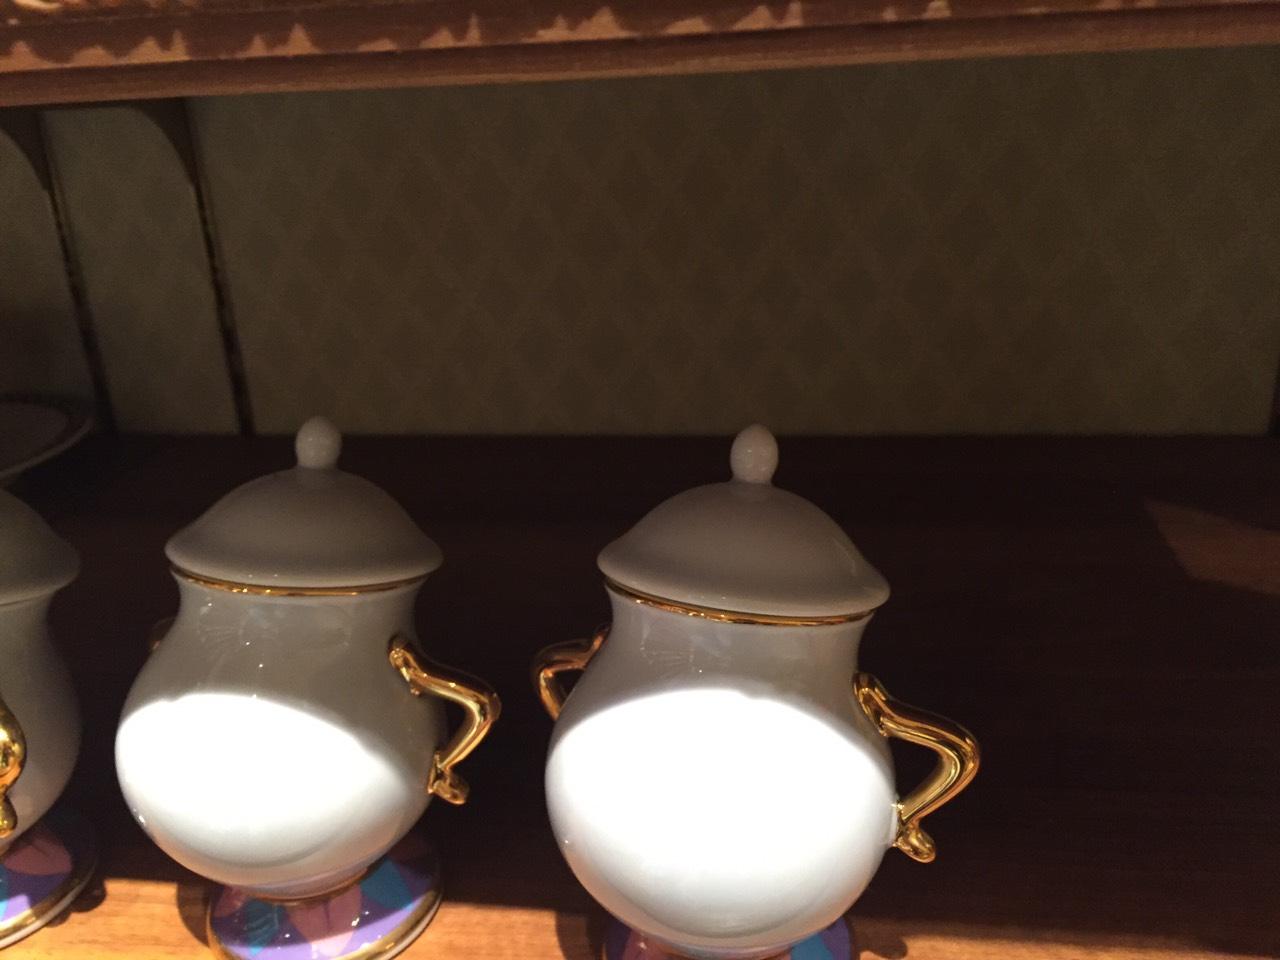 【真愛日本】16030900028 日本製樂園限定-經典瓷糖罐 ˙阿奇杯 茶壺媽媽 美女與野獸 迪士尼帶回 糖罐